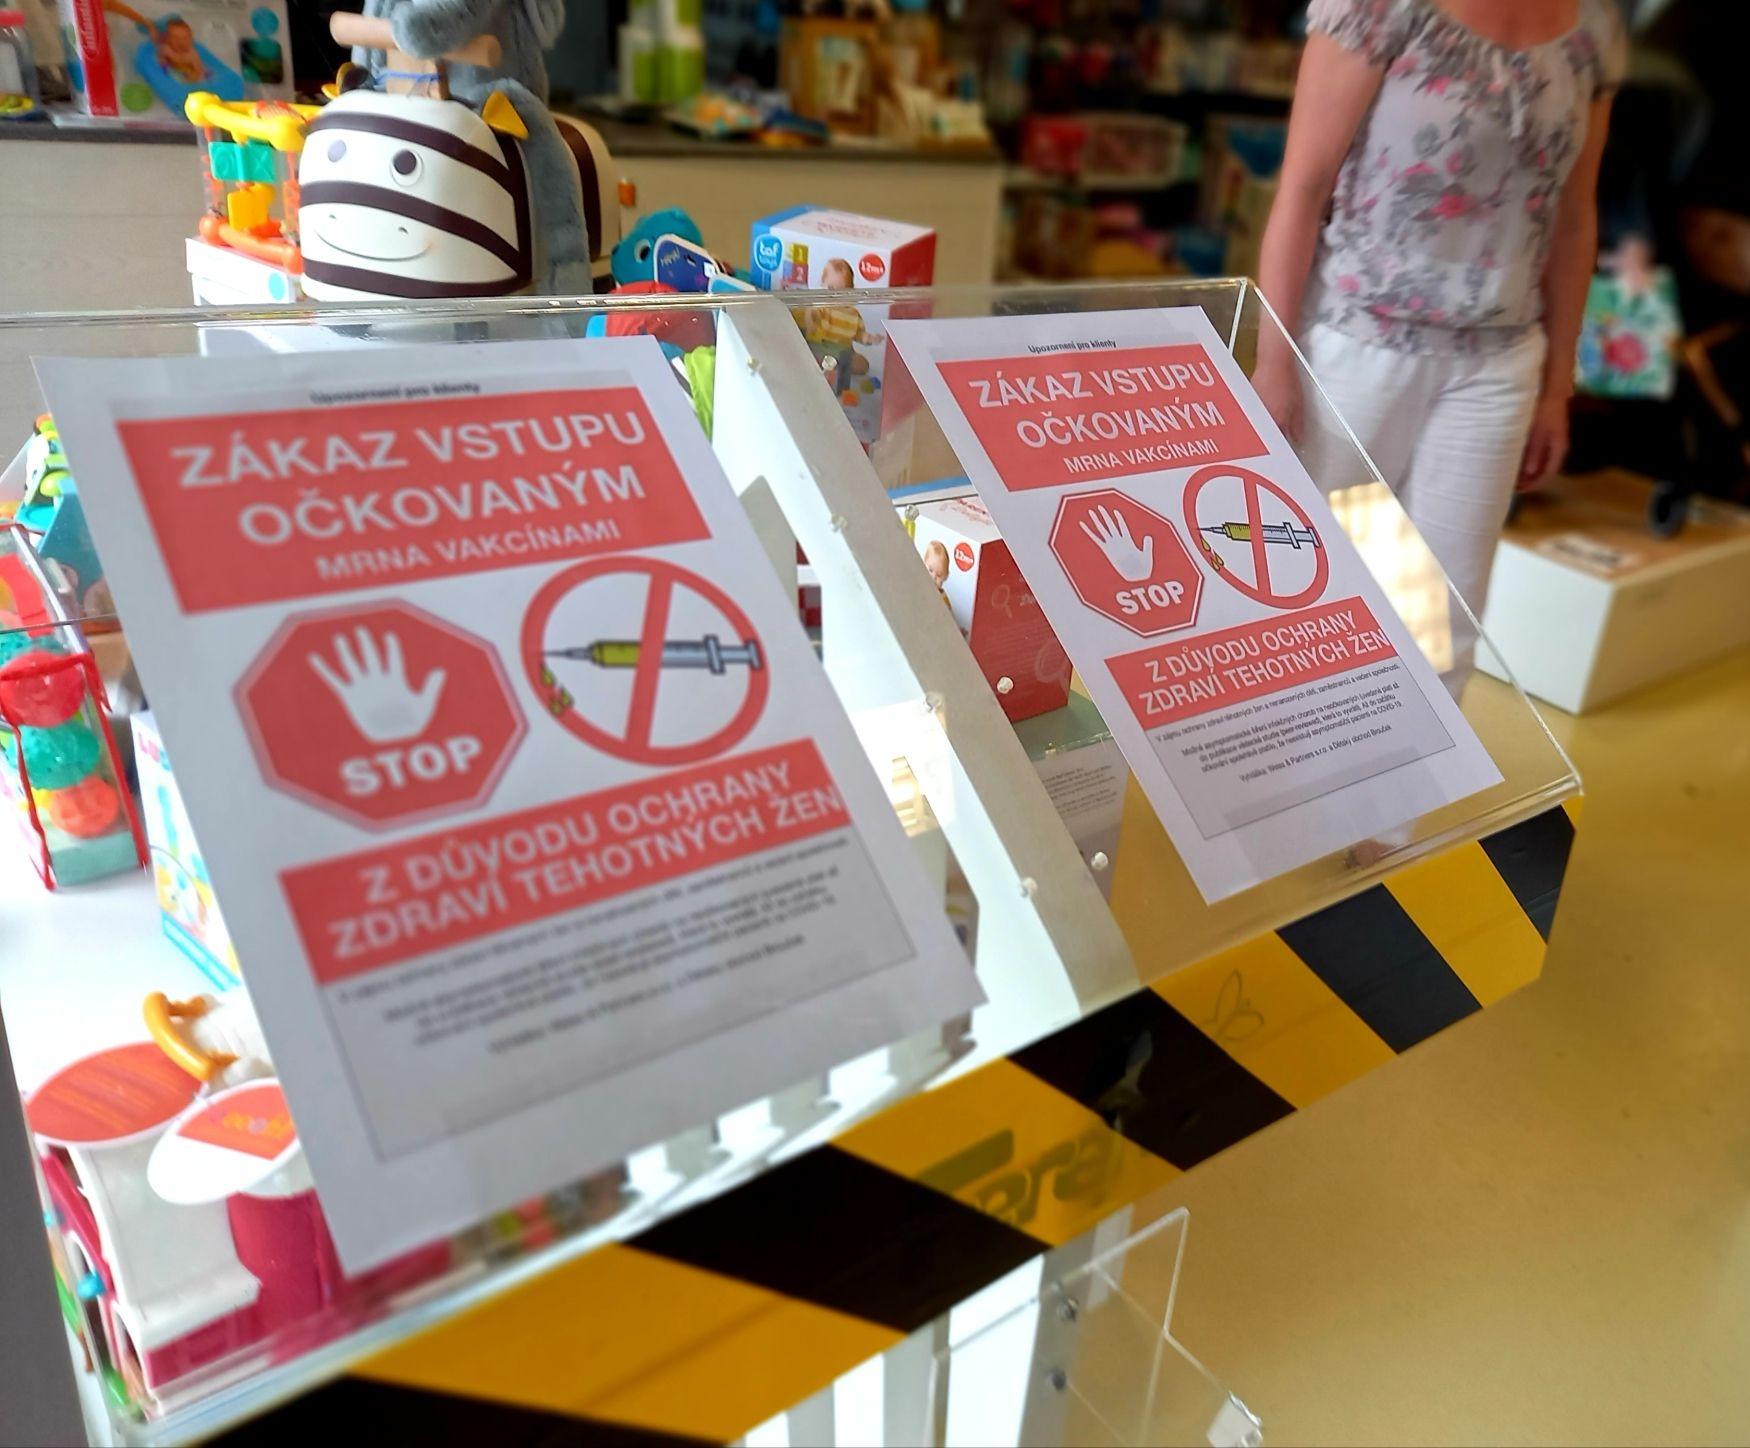 Obchod v Olomouci zakázal vstup očkovaným vakcínou proti covidu. Případ prověří ČOI